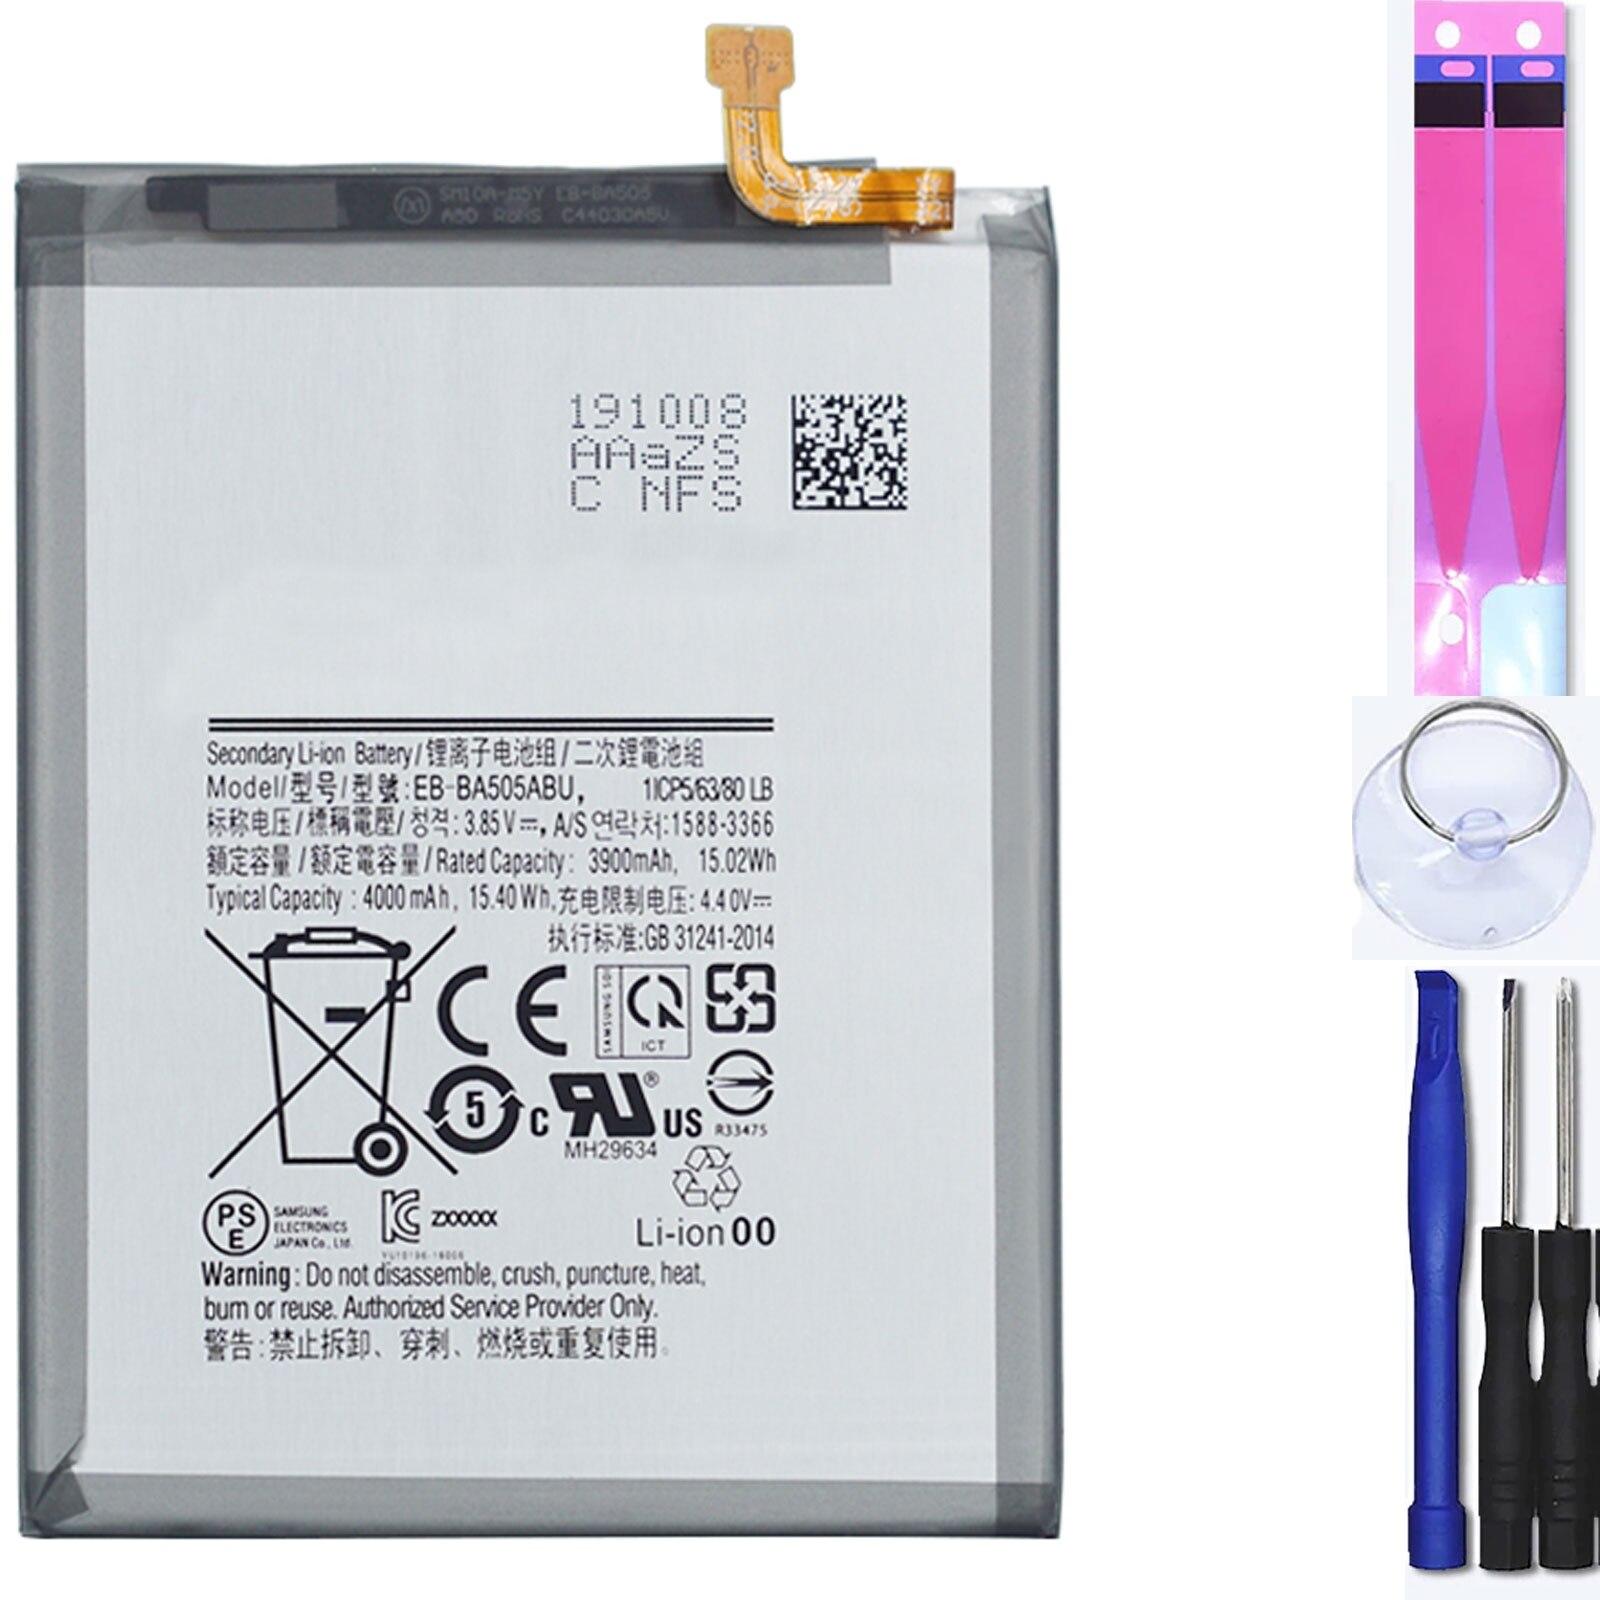 Внутренняя батарея для Samsung Galaxy A50 A30 A20 A505F, оригинальный Mpn Eb Ba505Abu Аккумуляторы для мобильных телефонов      АлиЭкспресс